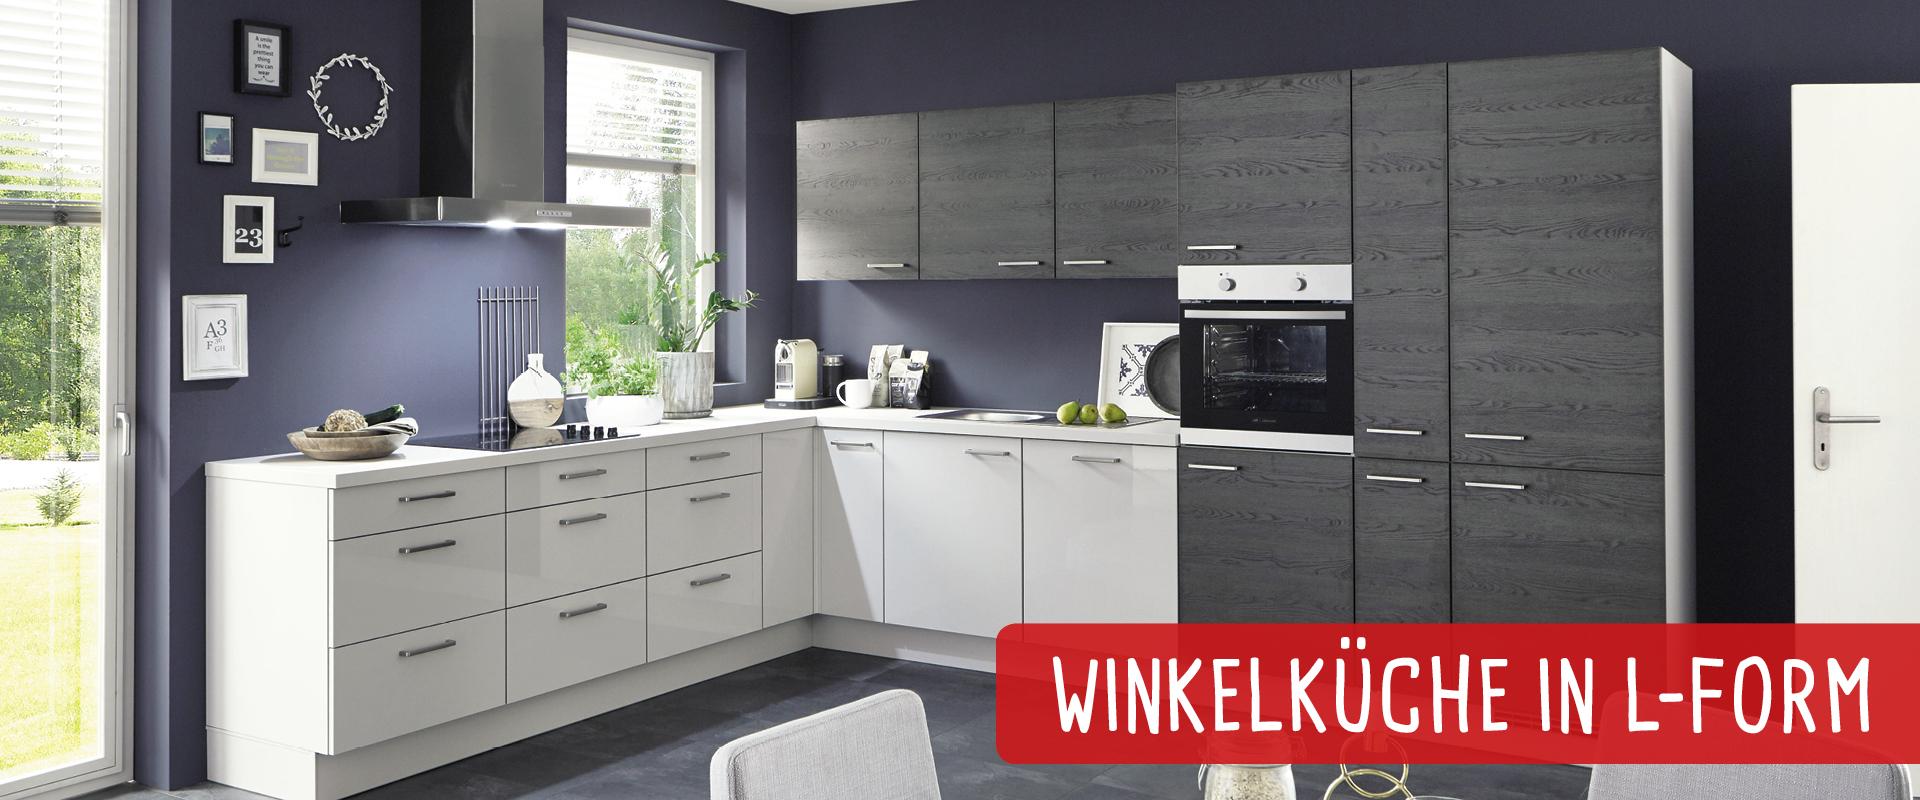 Full Size of Kchen Bei Roller Splbecken Unterschrank Nobilia Regale Küchen Regal Wohnzimmer Roller Küchen